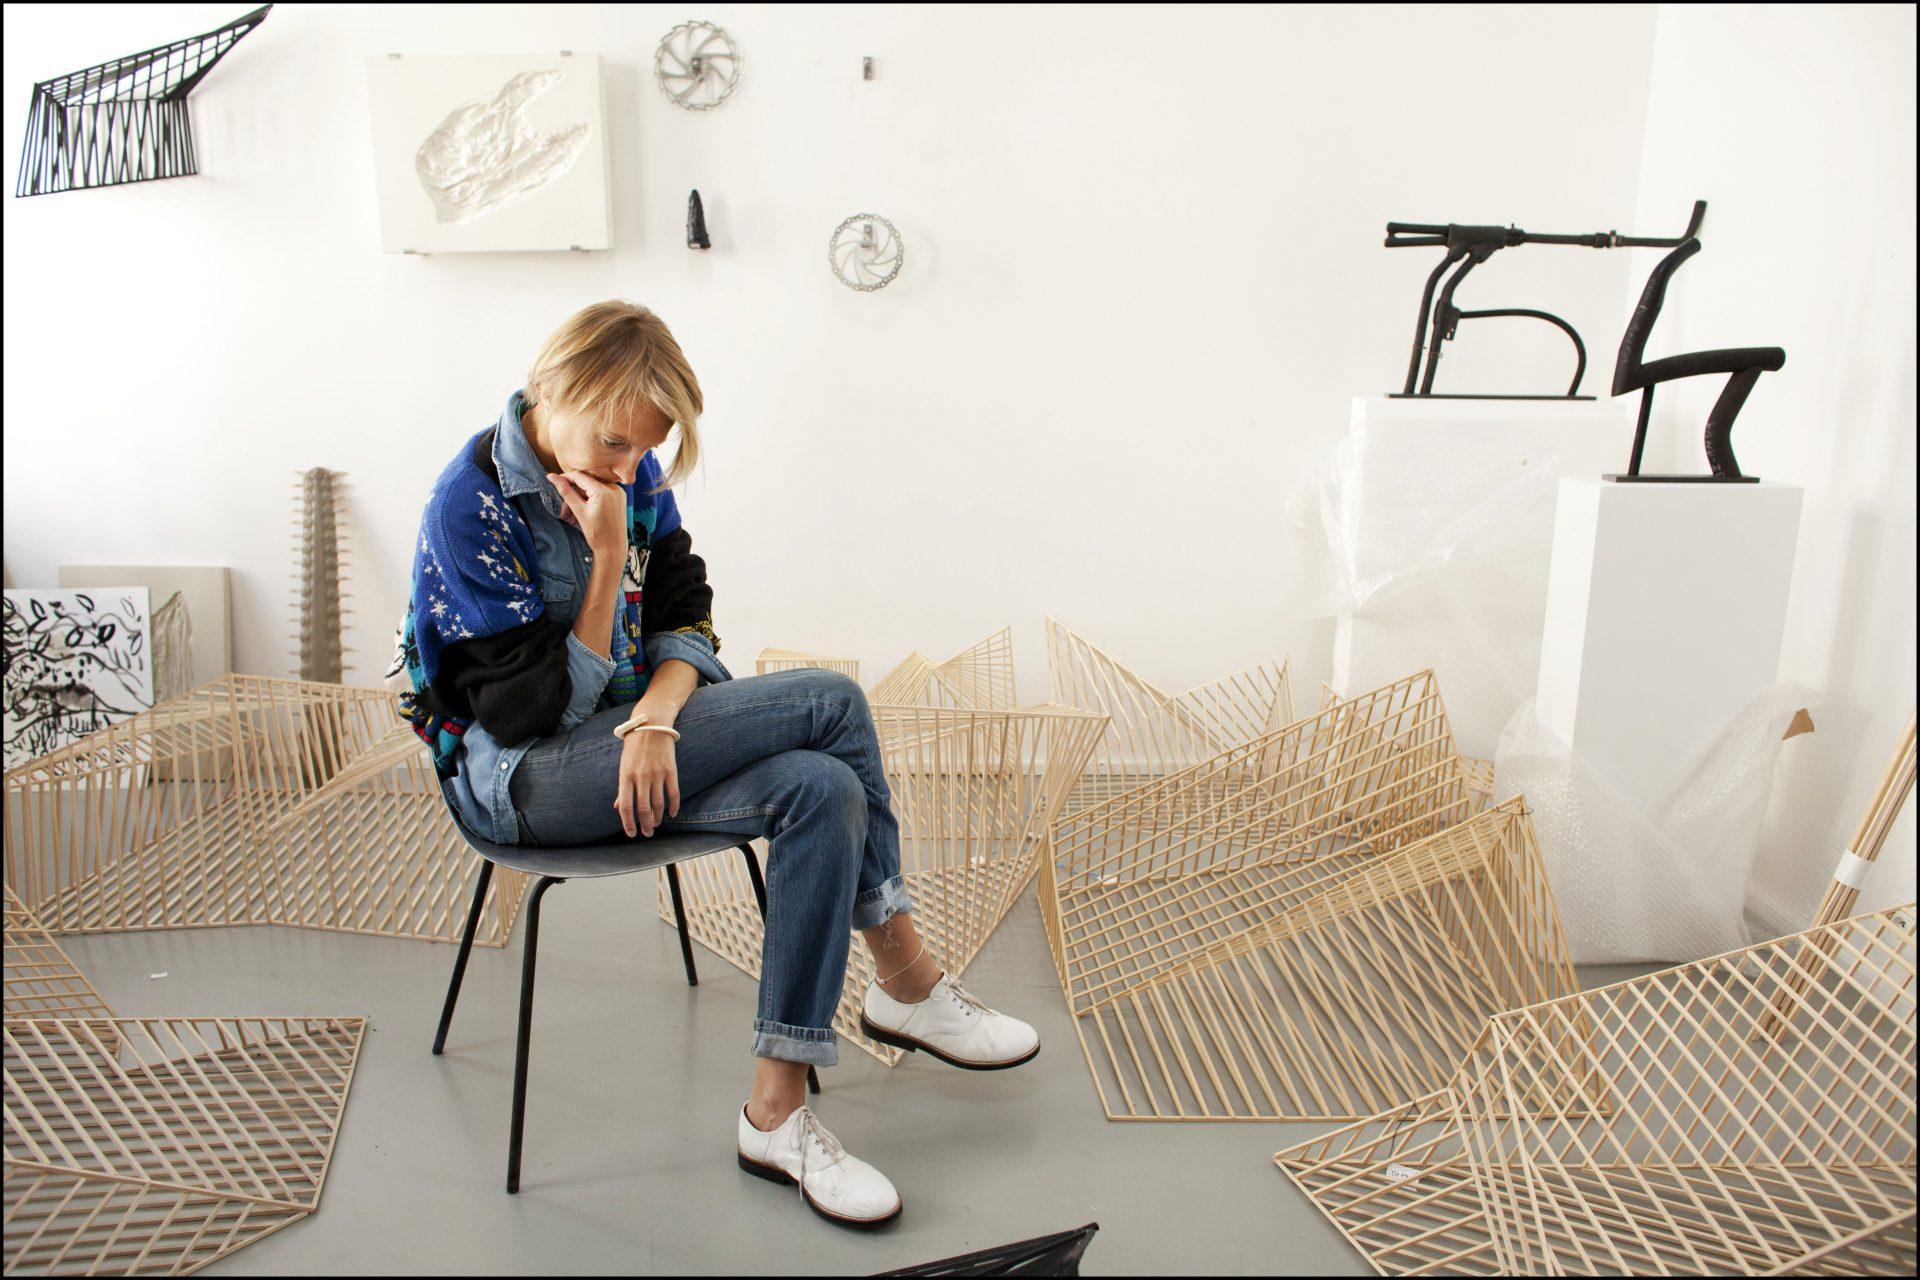 Camille HENROT, Artiste plasticienne